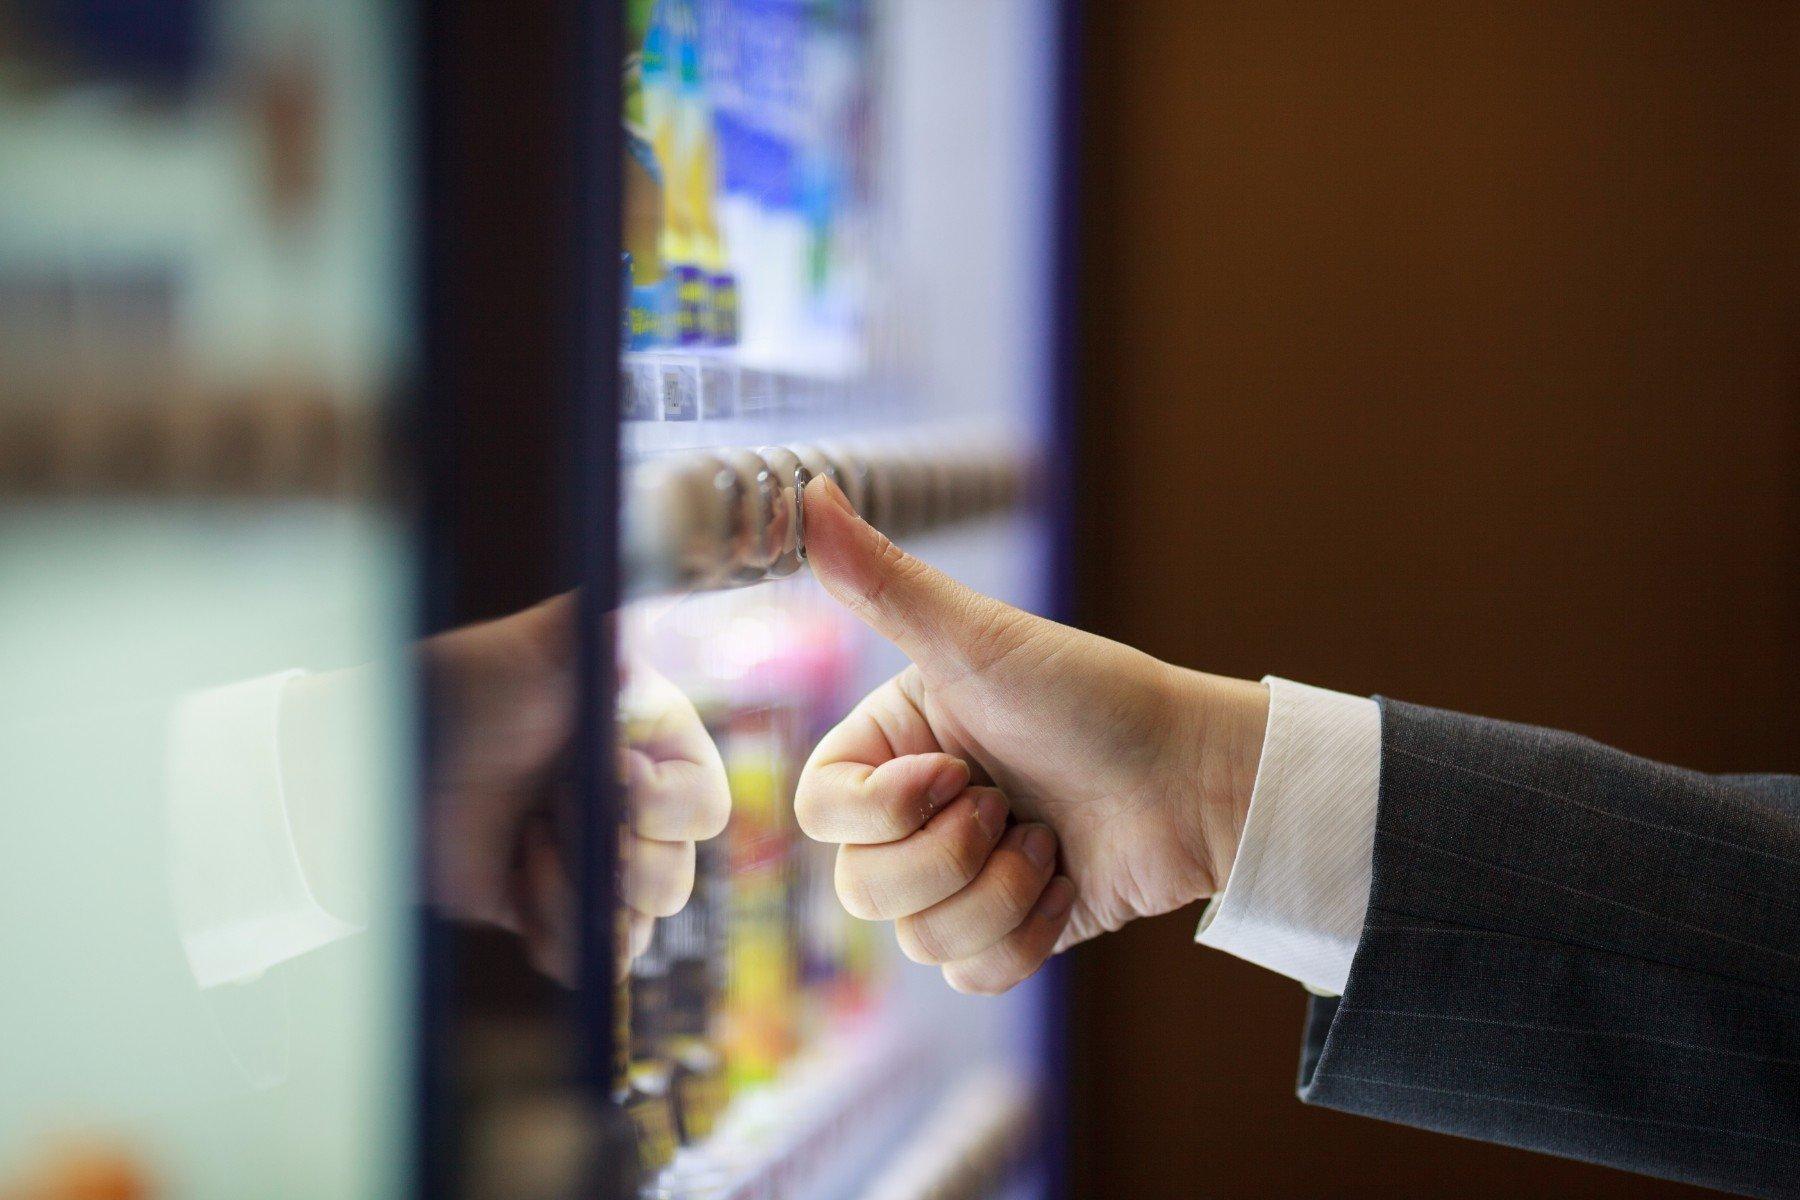 uomo seleziona prodotto sul distributore automatico